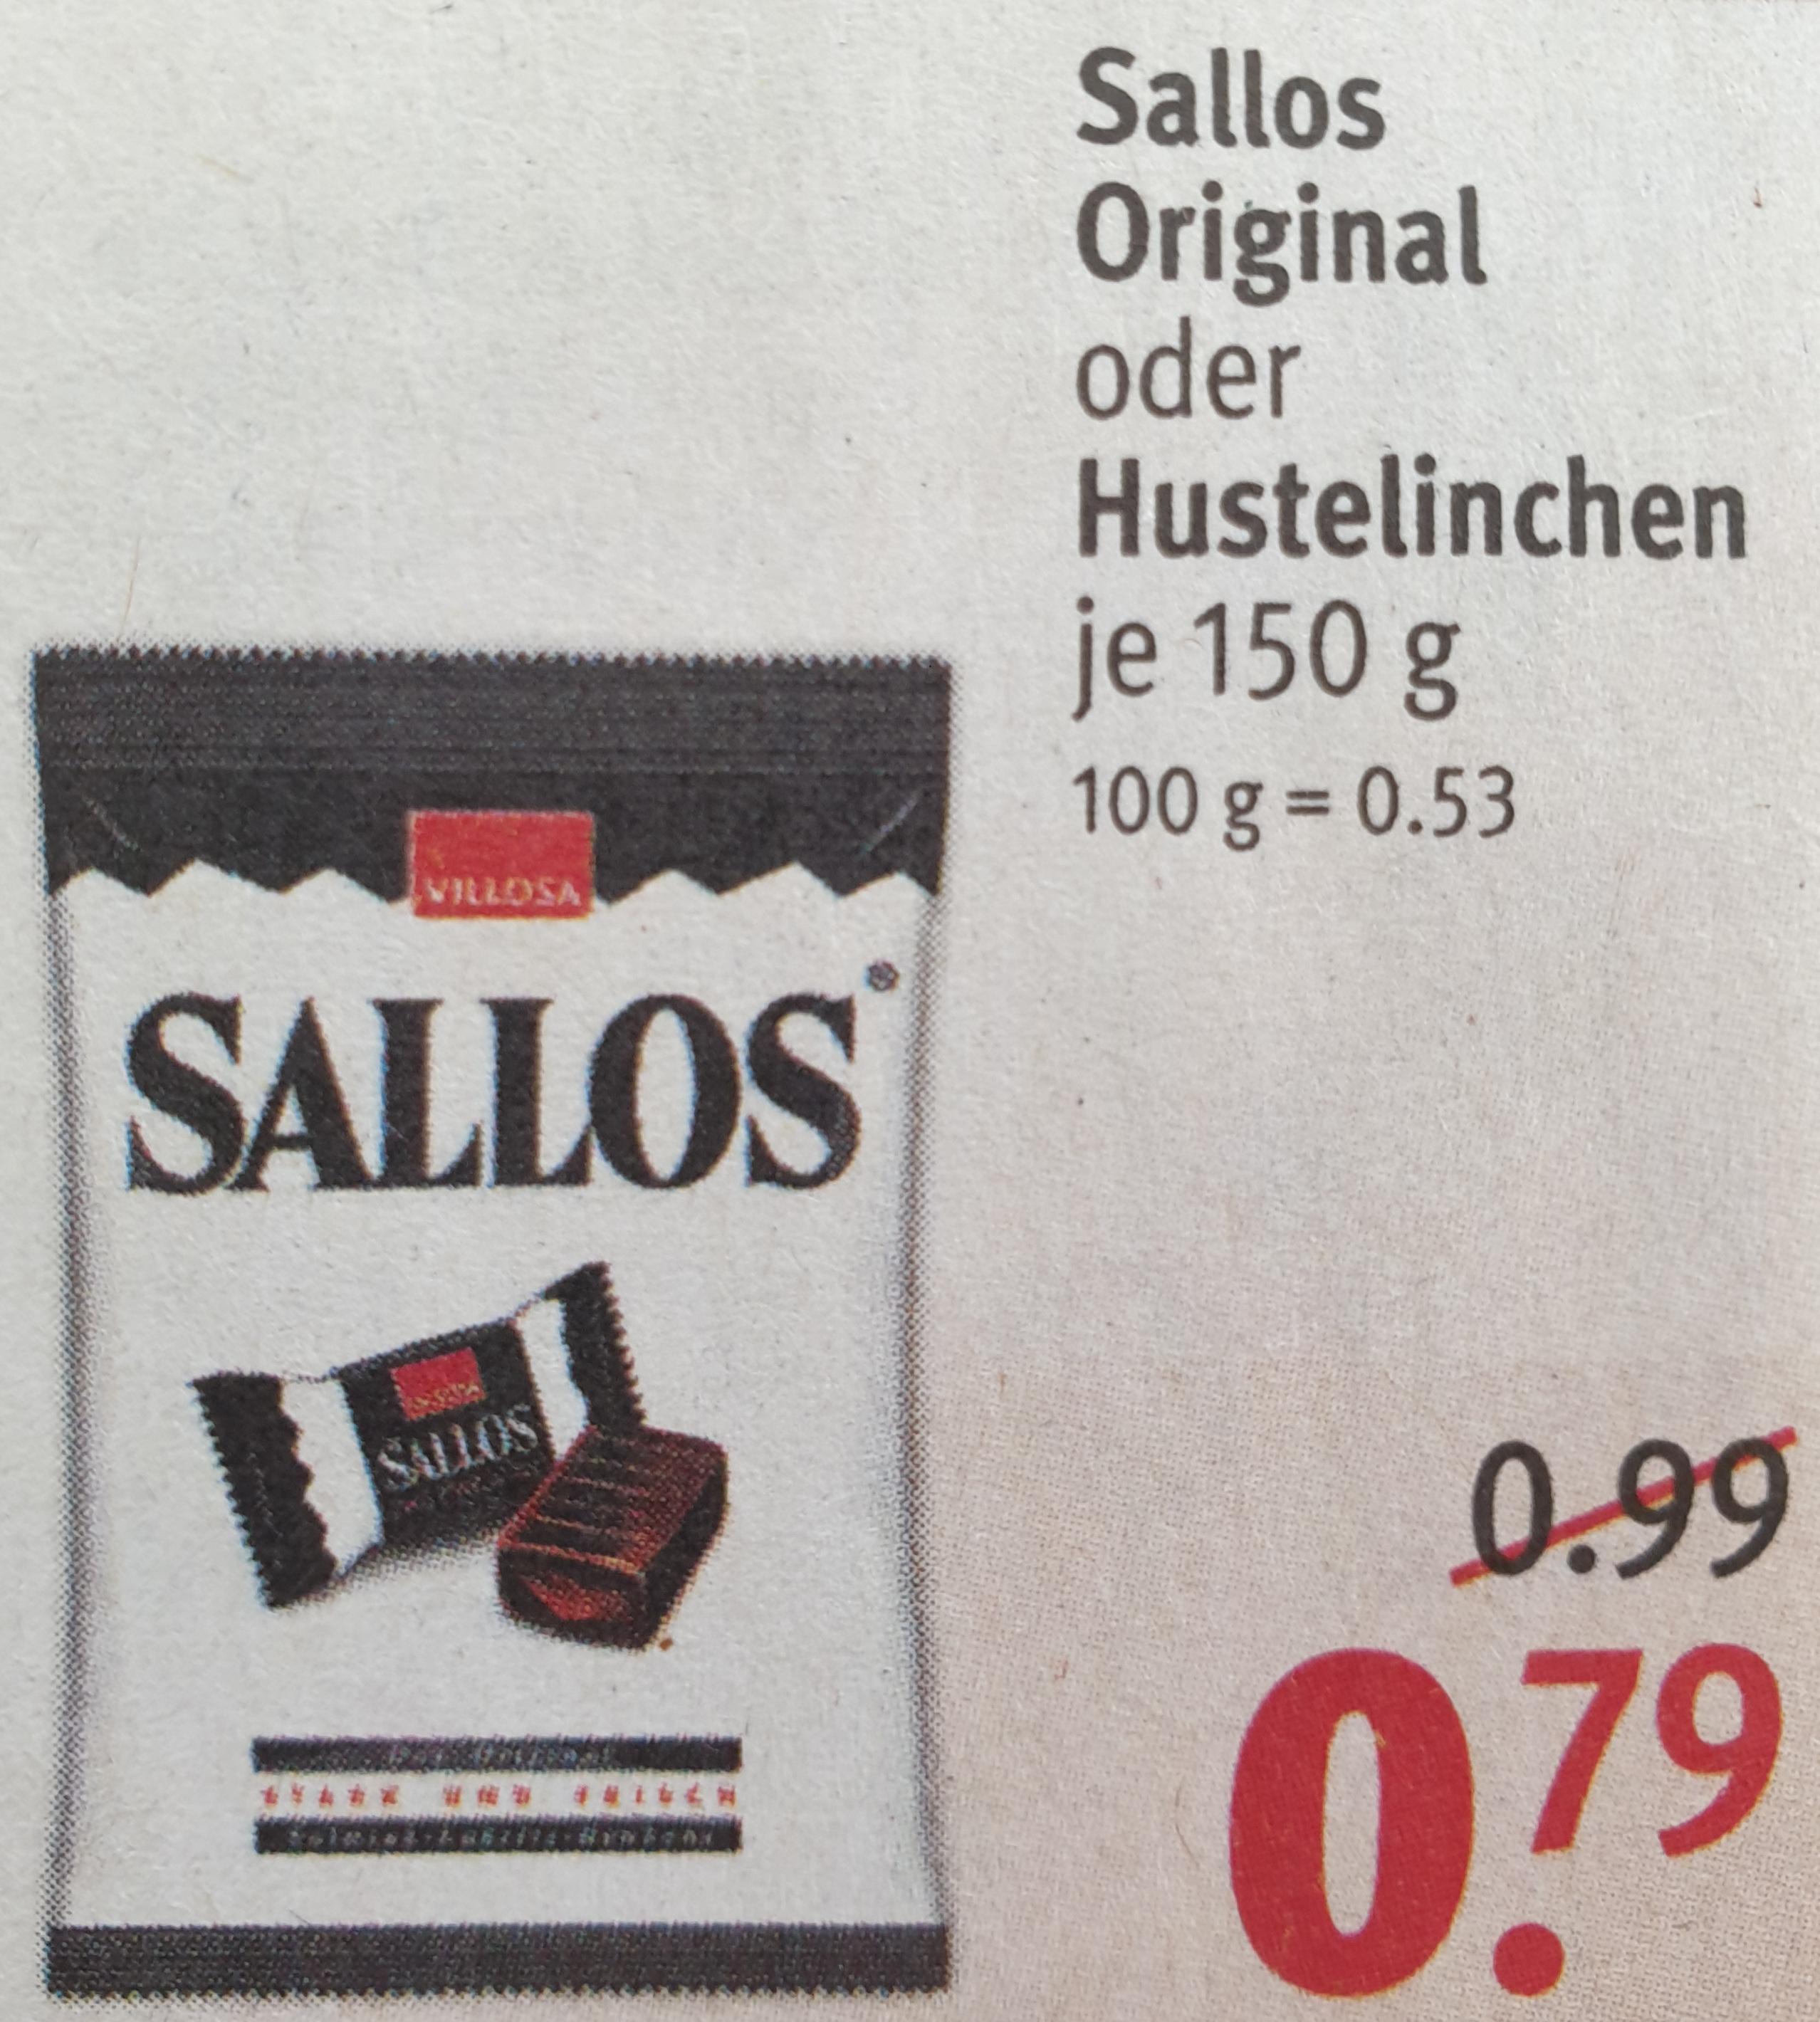 [ Rossmann ] Sallos Original 150g, mit 10% sogar für nur 0,72€